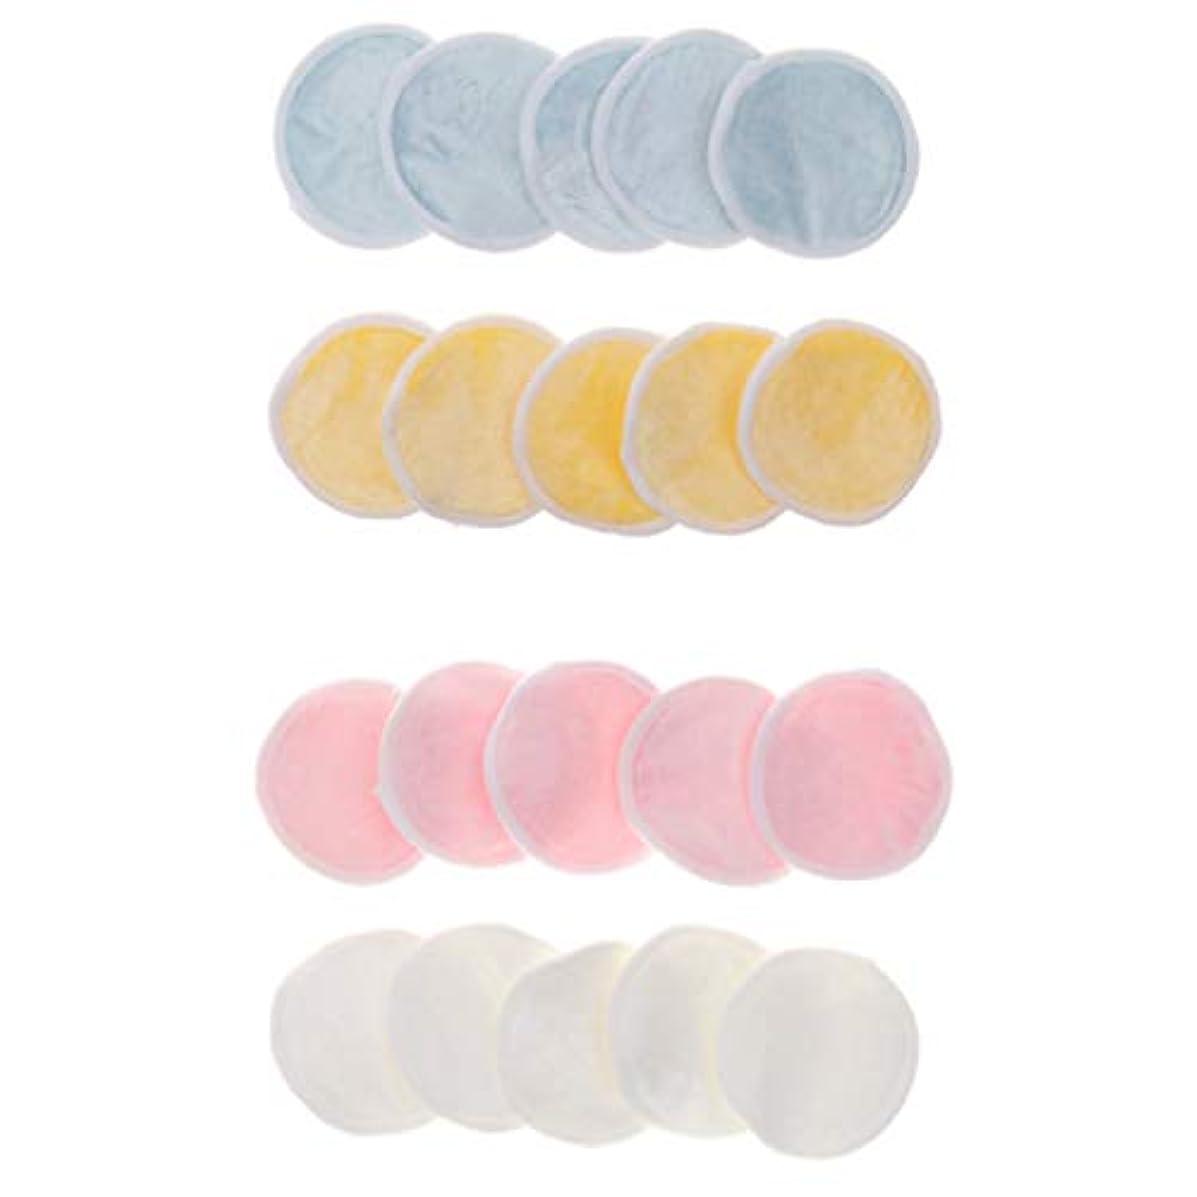 ながら飲食店マーカーF Fityle クレンジングシート 化粧落としパッド メイク落としコットン 再使用可 化粧用 持ち運びに便利 20個入